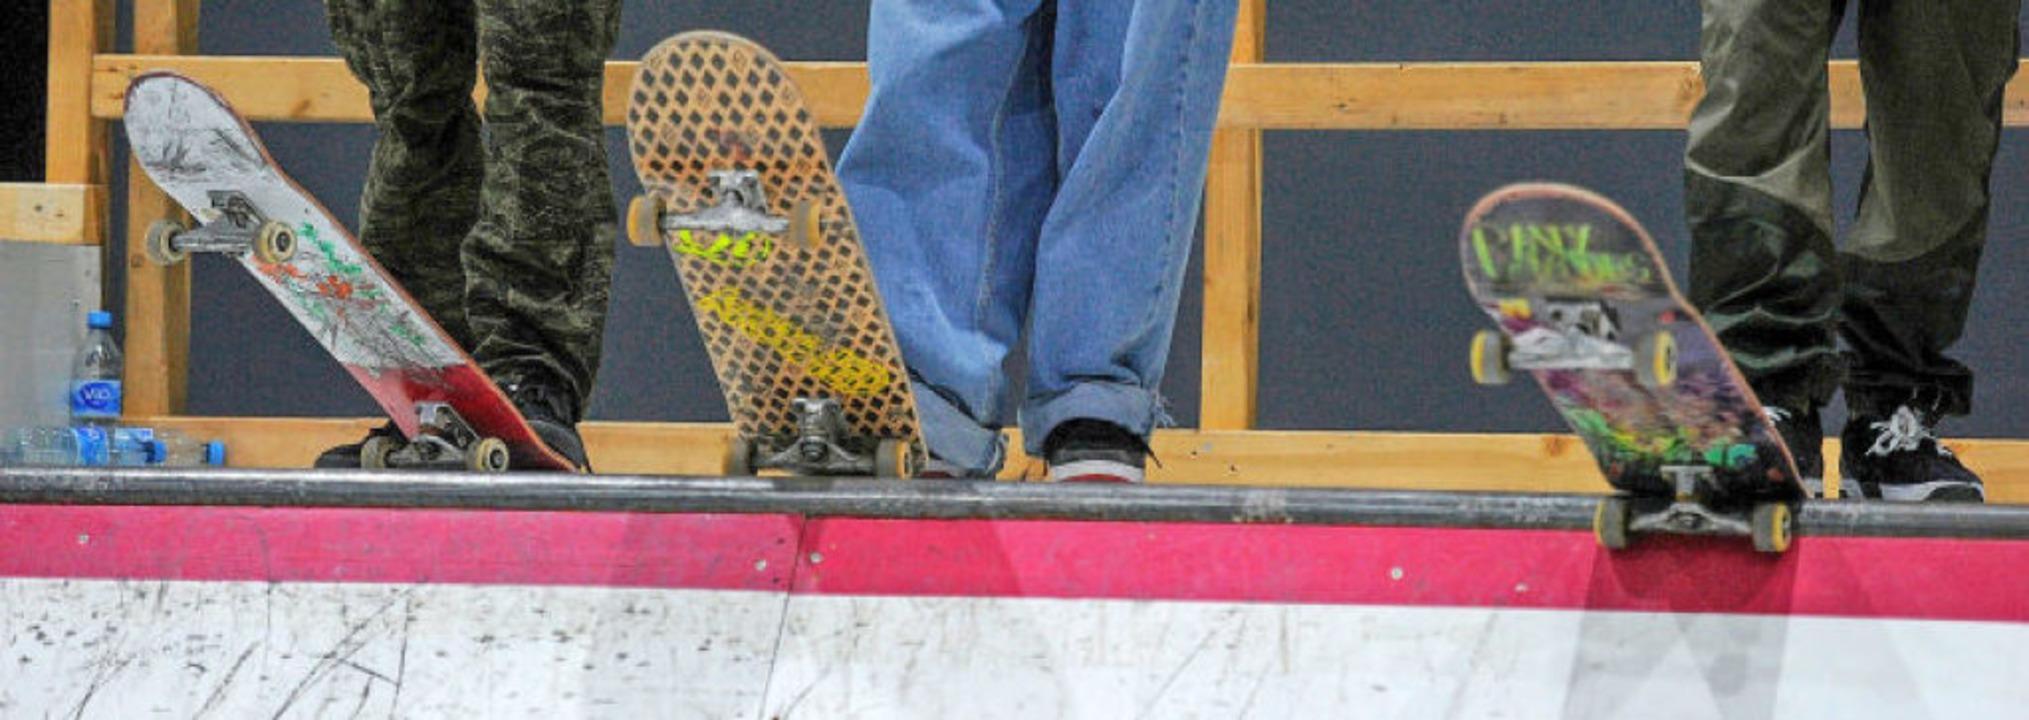 Beklebte Bretter, lässige Hosen &#8211... Skaten zählen Spaß und Zusammenhalt.   | Foto: Pressebüro Schaller